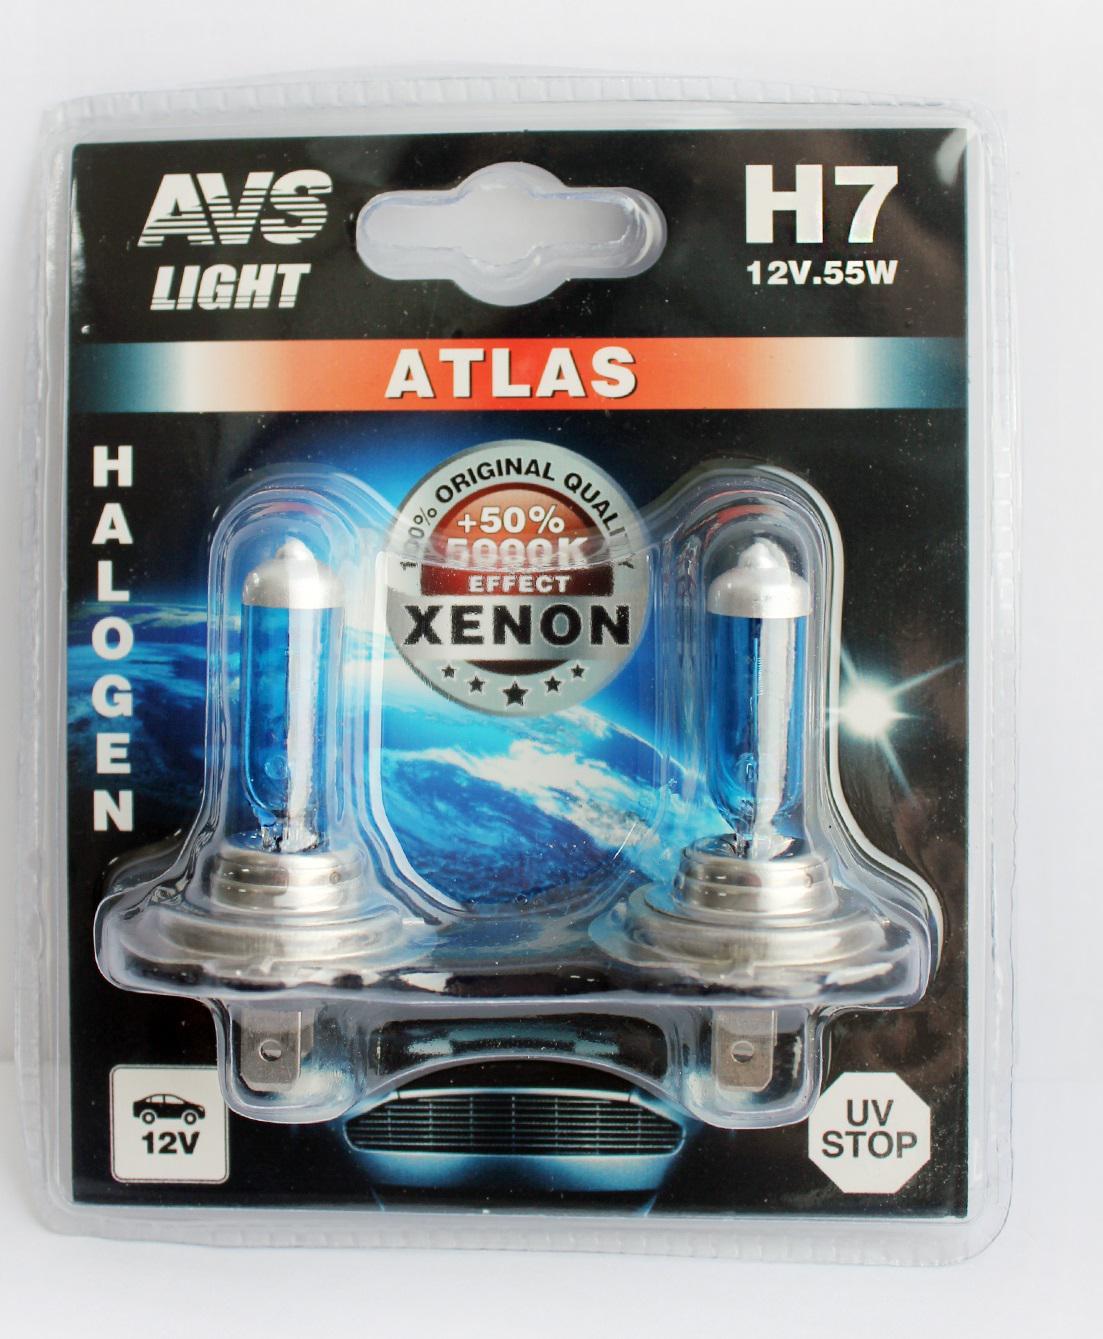 Лампа автомобильная Avs Atlas h7 12v 55w галогеновая лампа philips h7 12v 55w